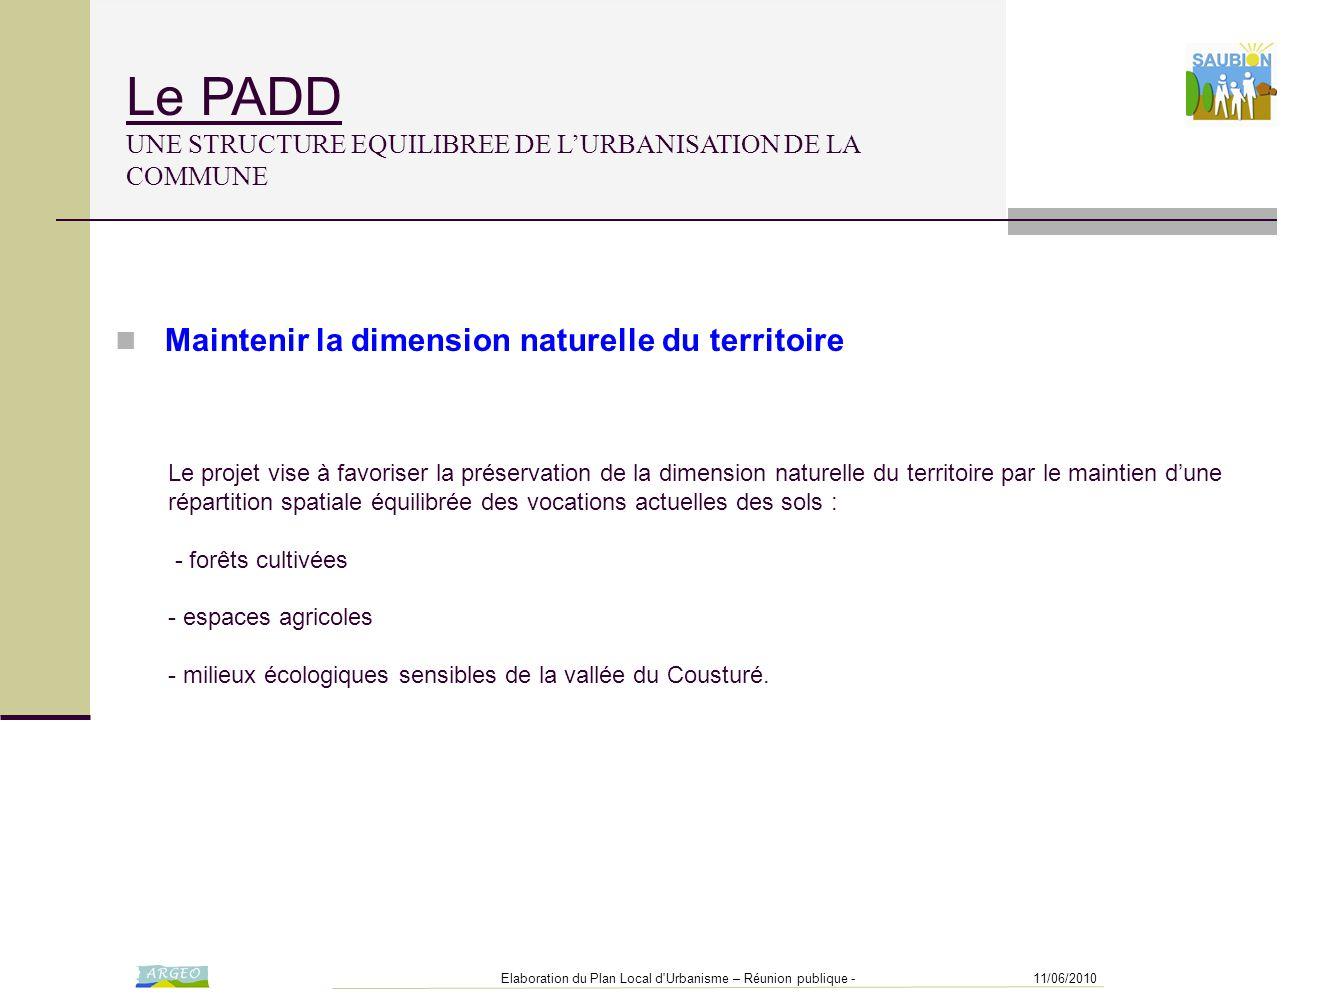 11/06/2010Elaboration du Plan Local d'Urbanisme – Réunion publique - Le PADD UNE STRUCTURE EQUILIBREE DE L'URBANISATION DE LA COMMUNE Le projet vise à